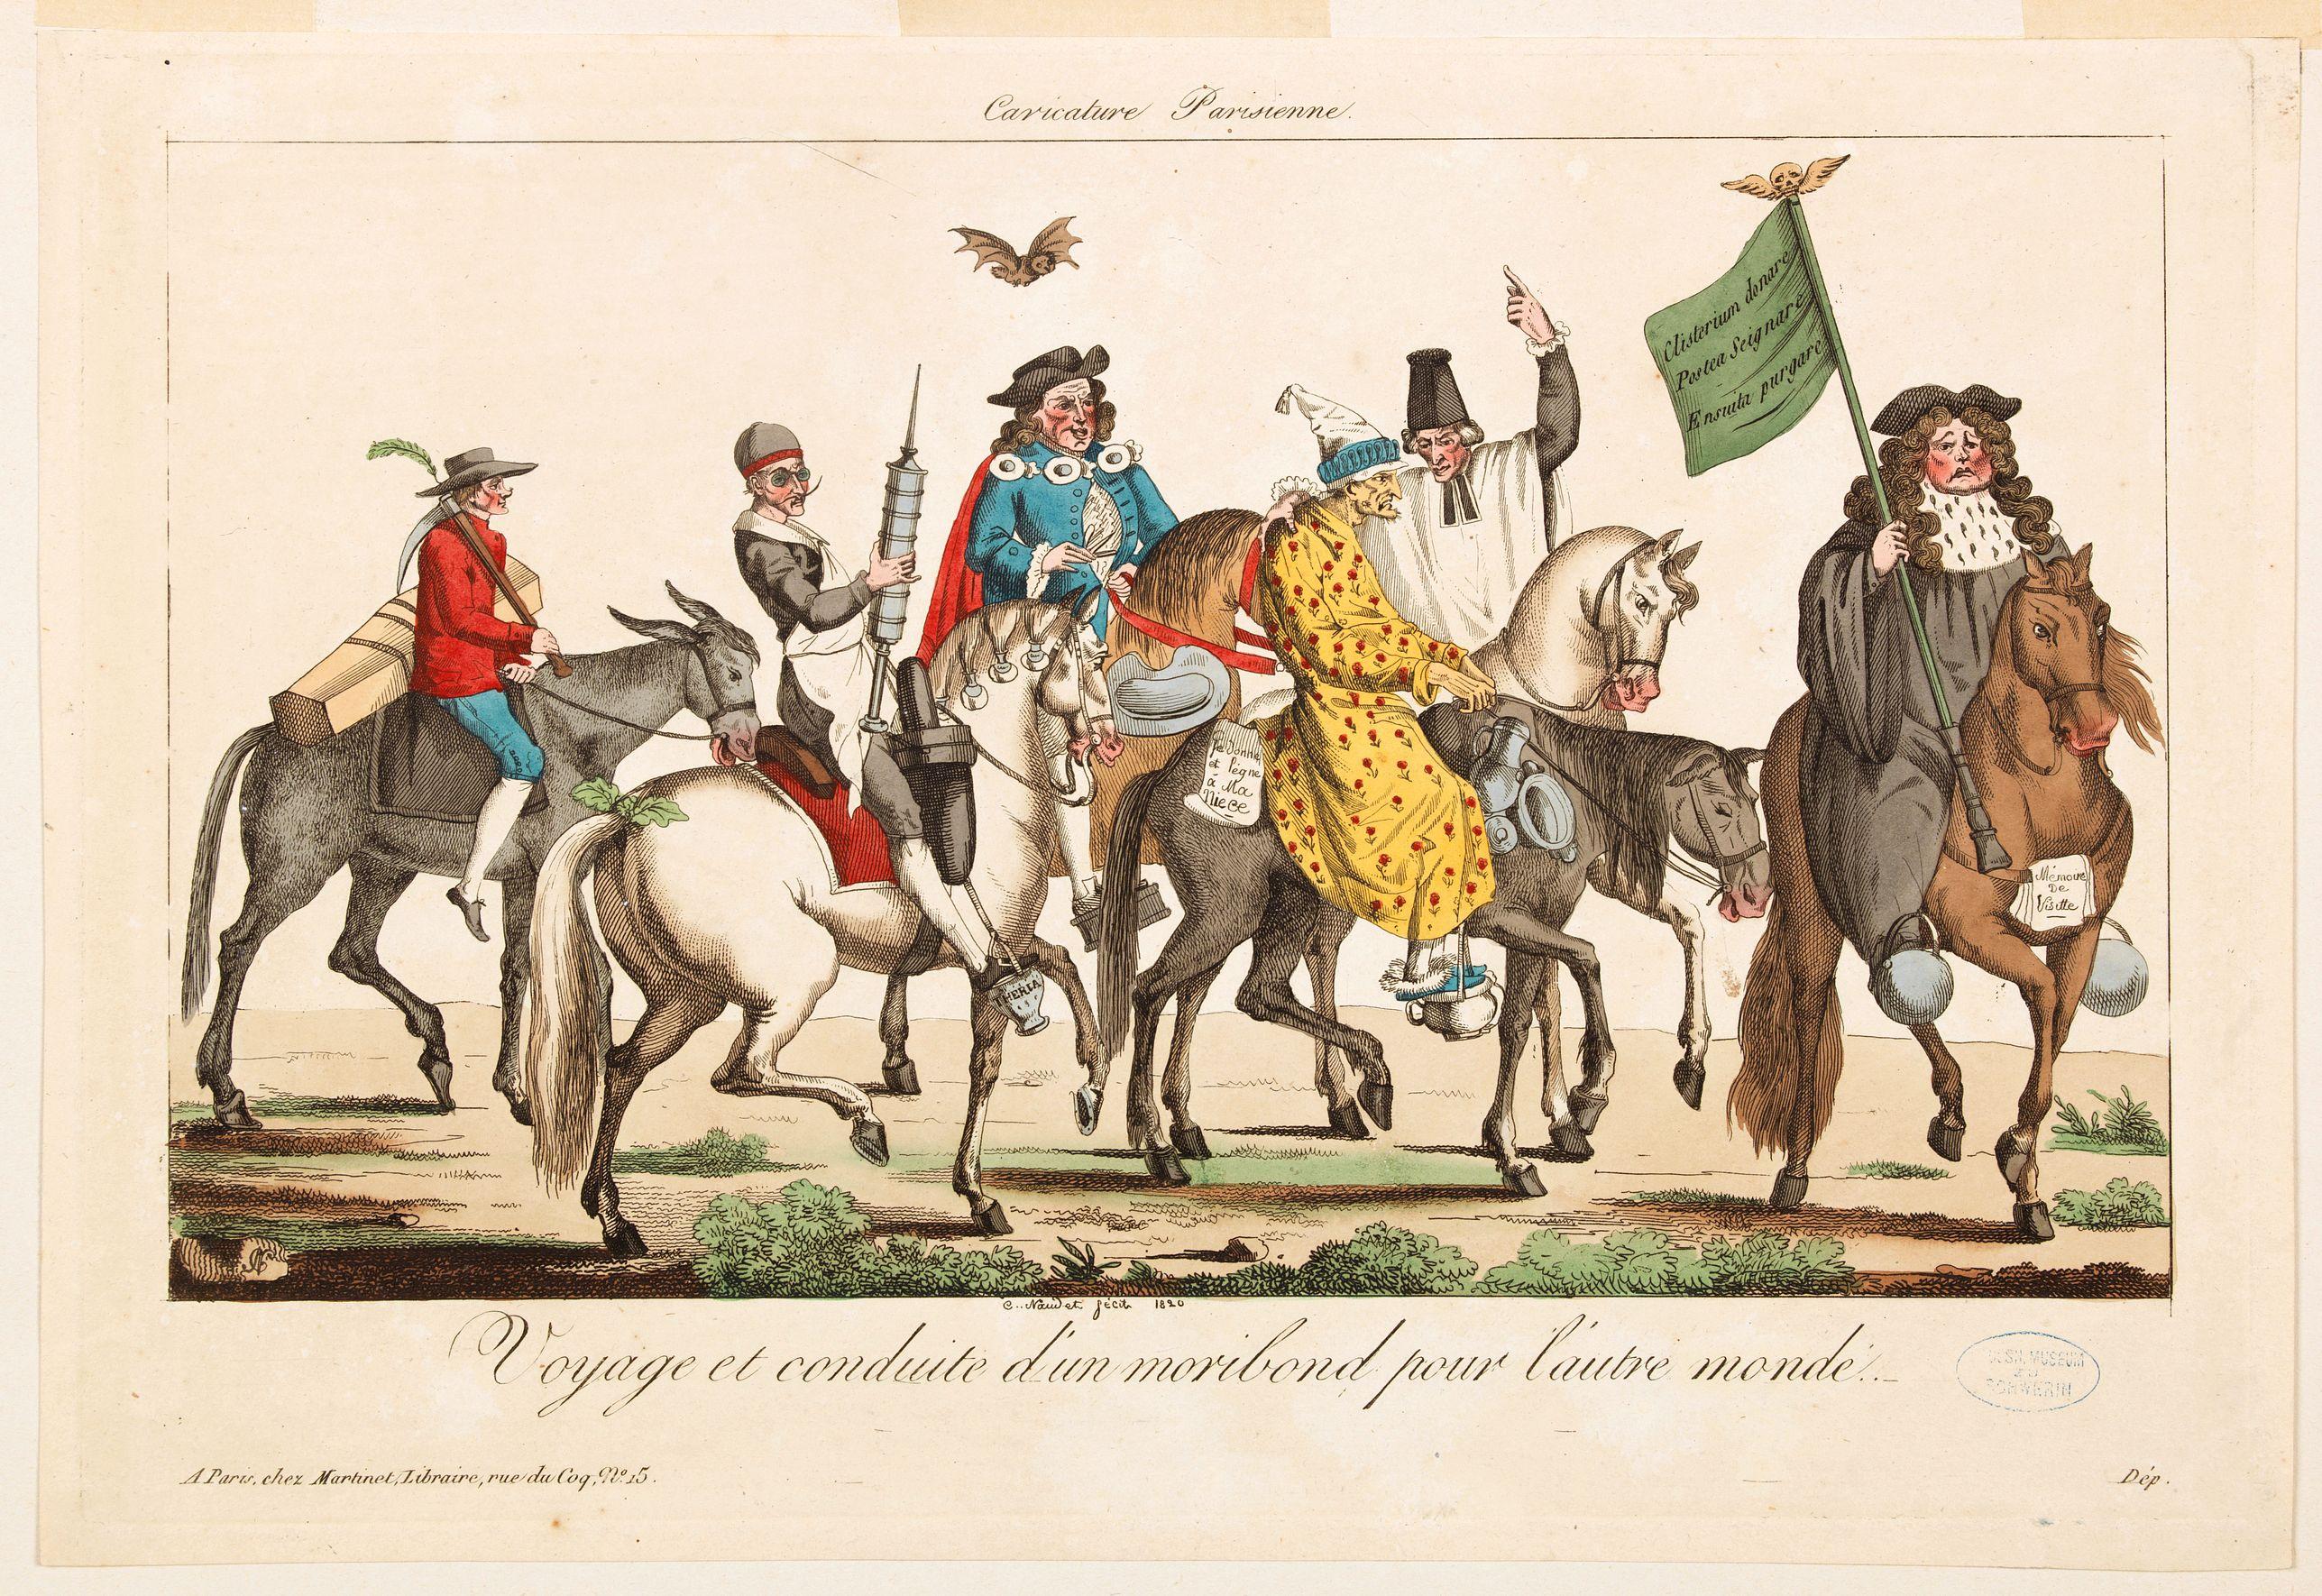 MARTINET. -  Voyage et conduite d'un moribond pour l'autre monde [Caricature Parisienne.]